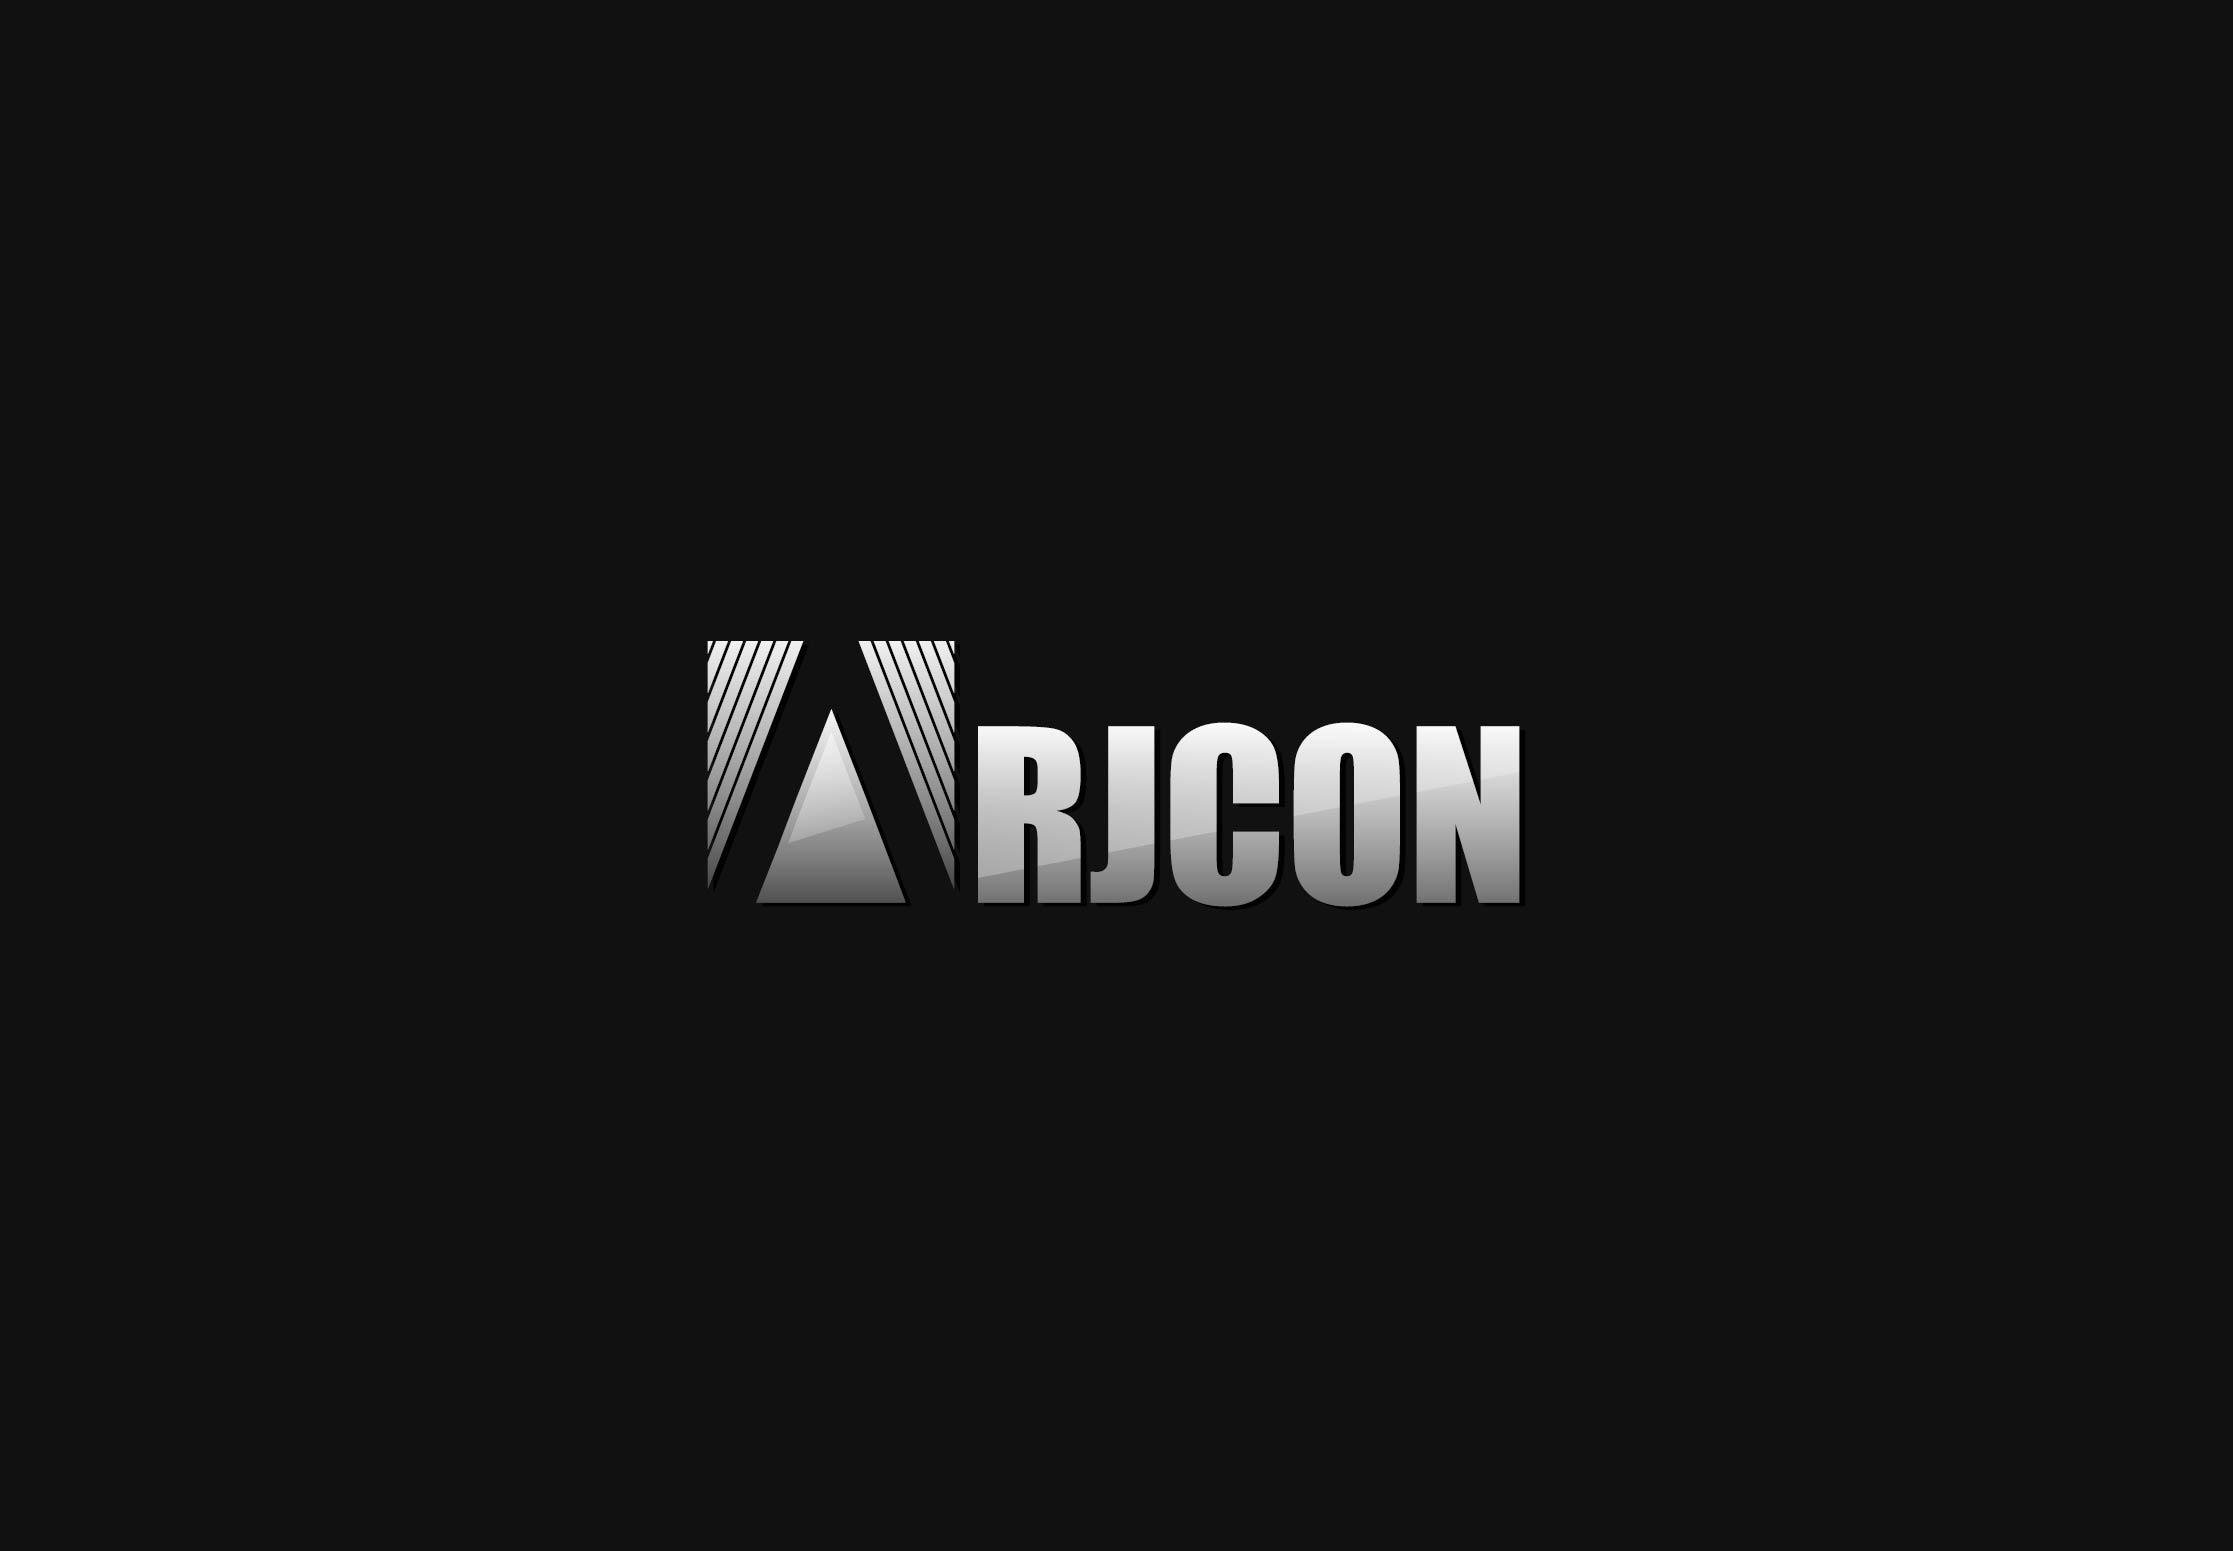 Logo Design by Adnan Taqi - Entry No. 219 in the Logo Design Contest Inspiring Logo Design for ARJCON.